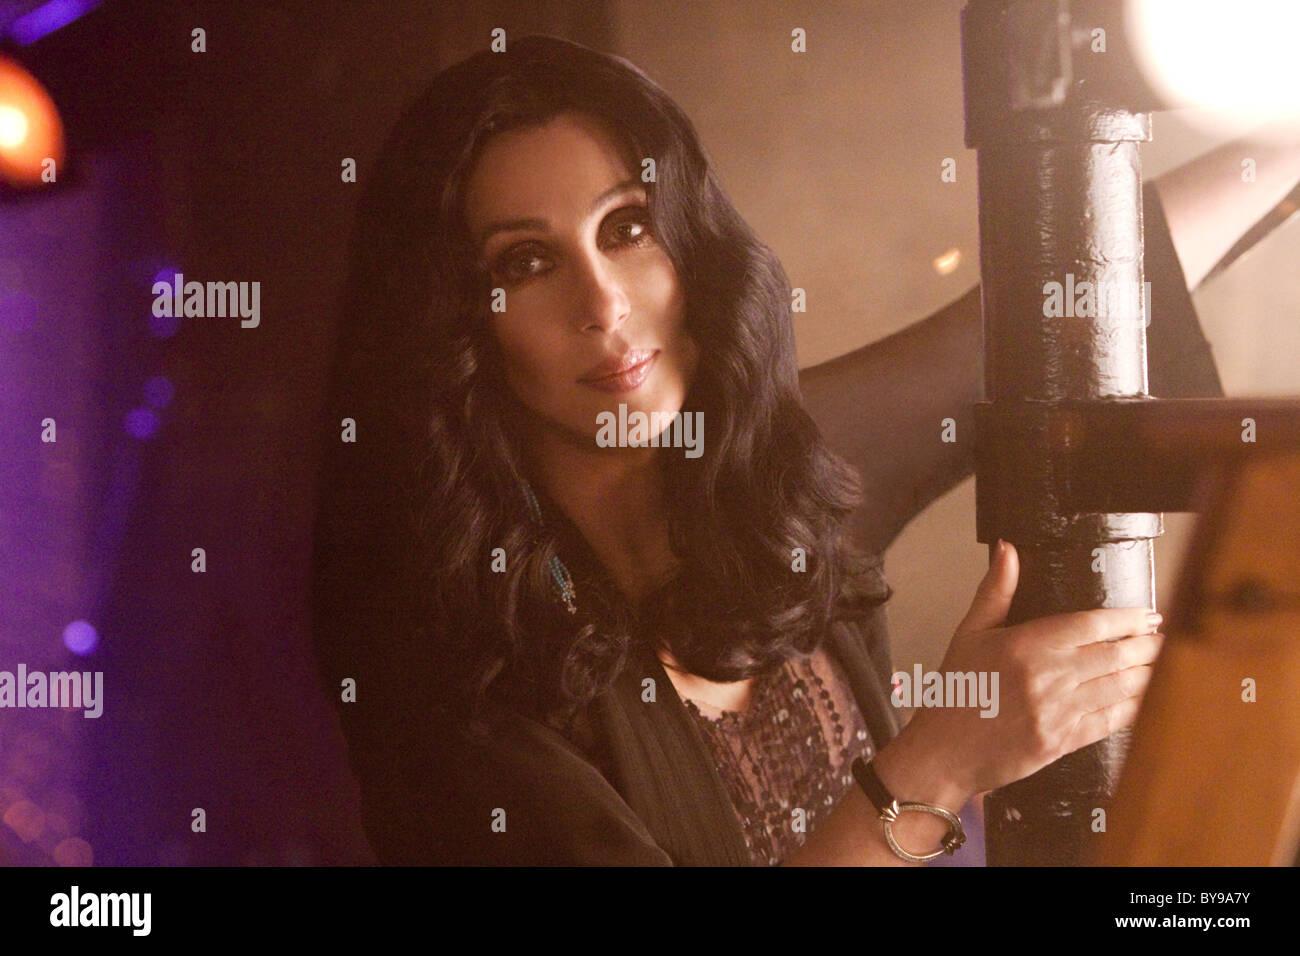 Burlesque Año : 2010 EE UU Director : Steve Antin Cher Imagen De Stock